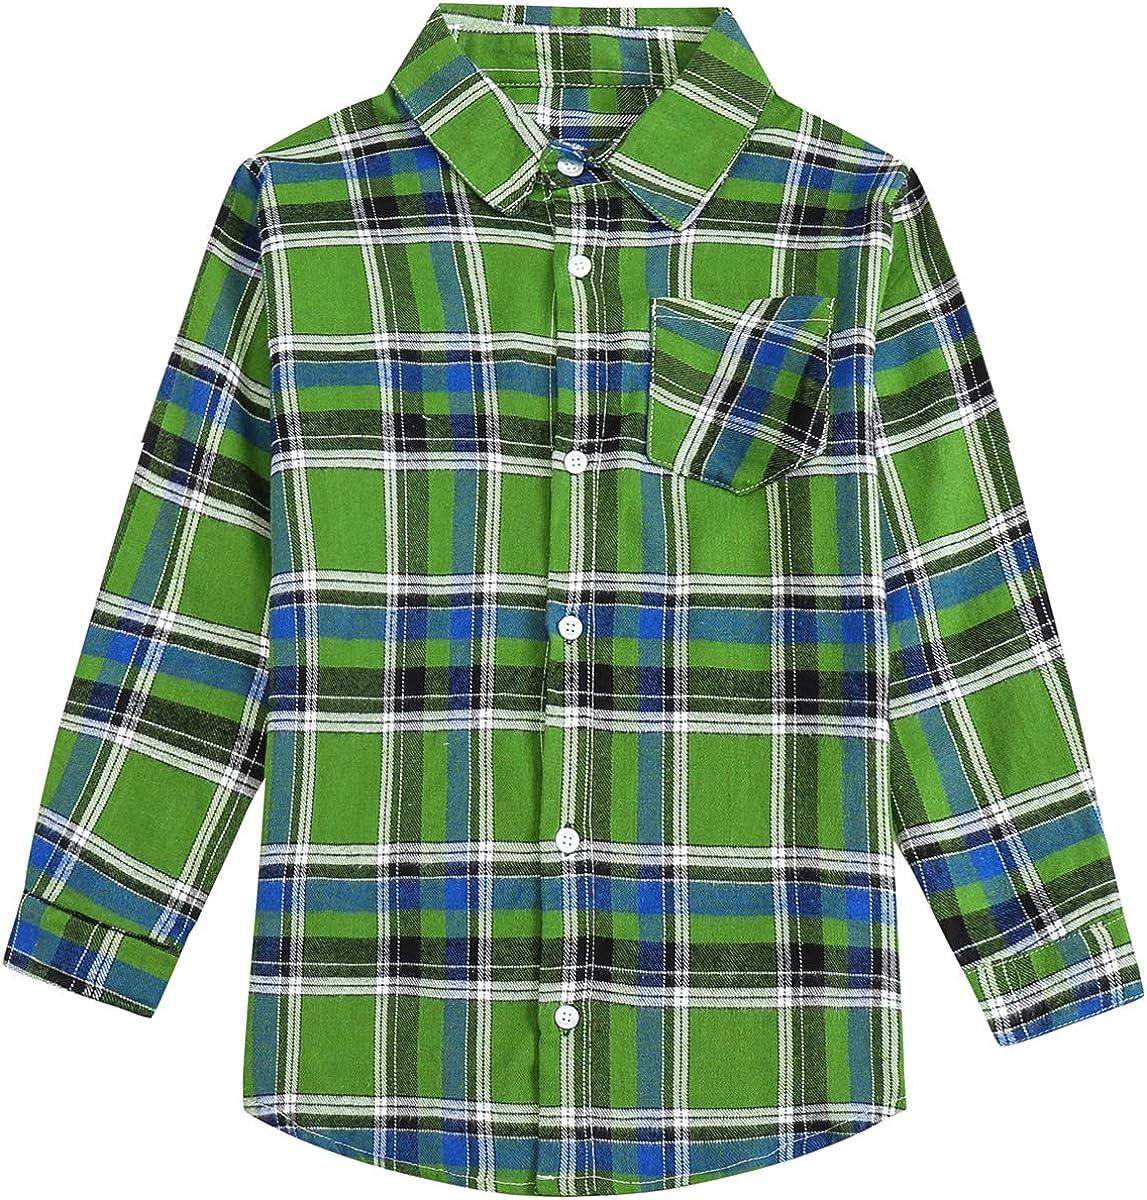 SANGTREE Girls' Women's Button Down Plaid Cotton Tops Shirt, 3 Months - US 2XL